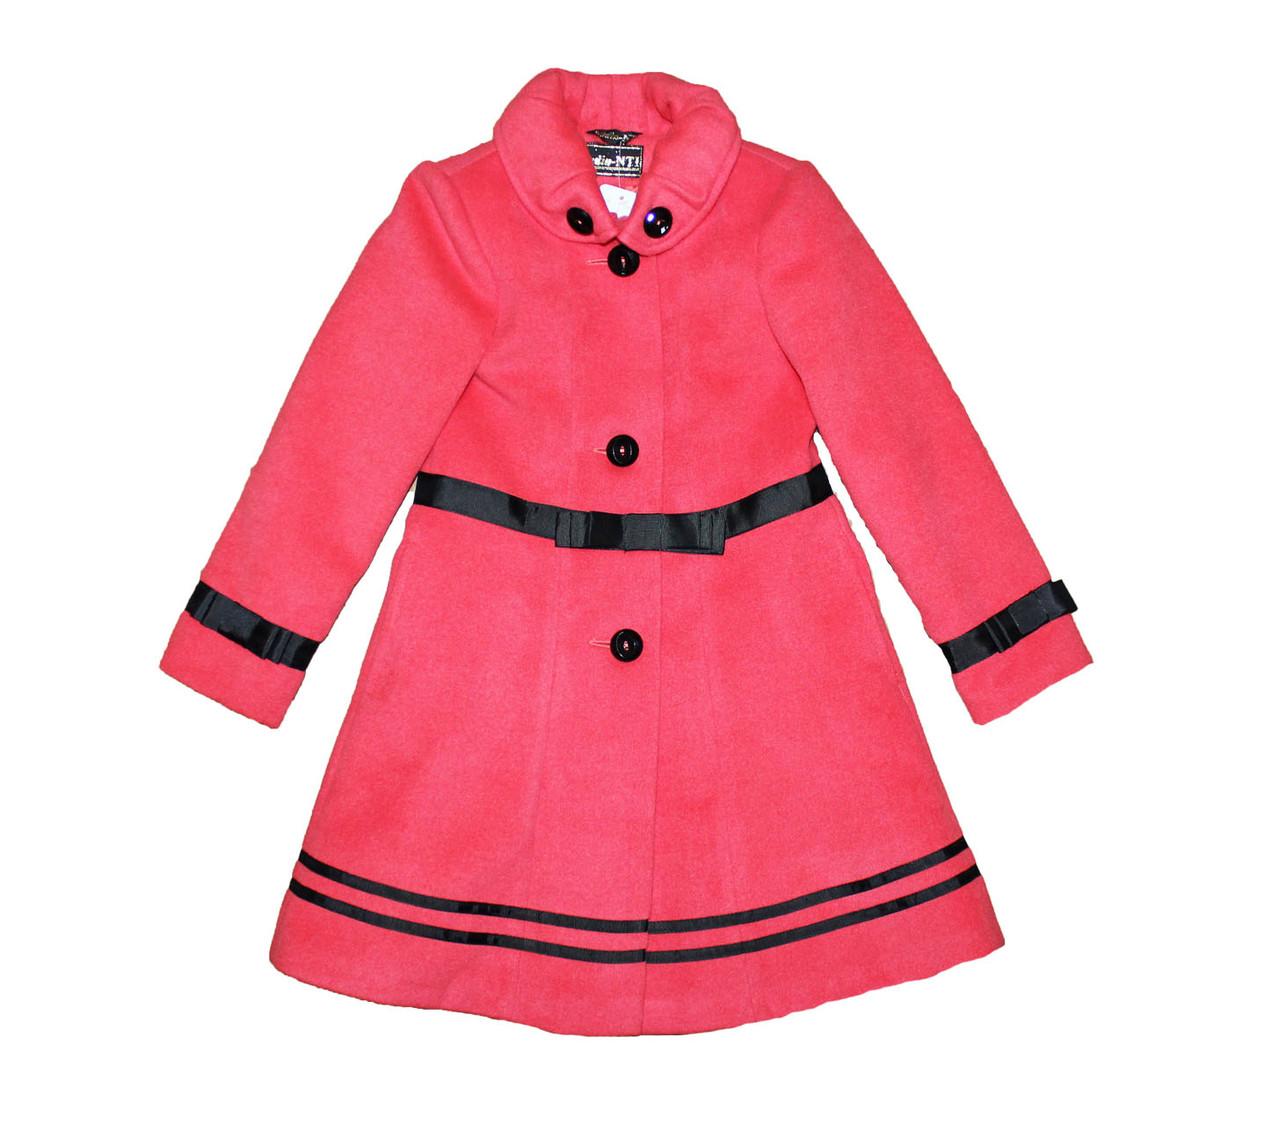 Пальто детское подростковое кашимировое для девочки. Лилия.